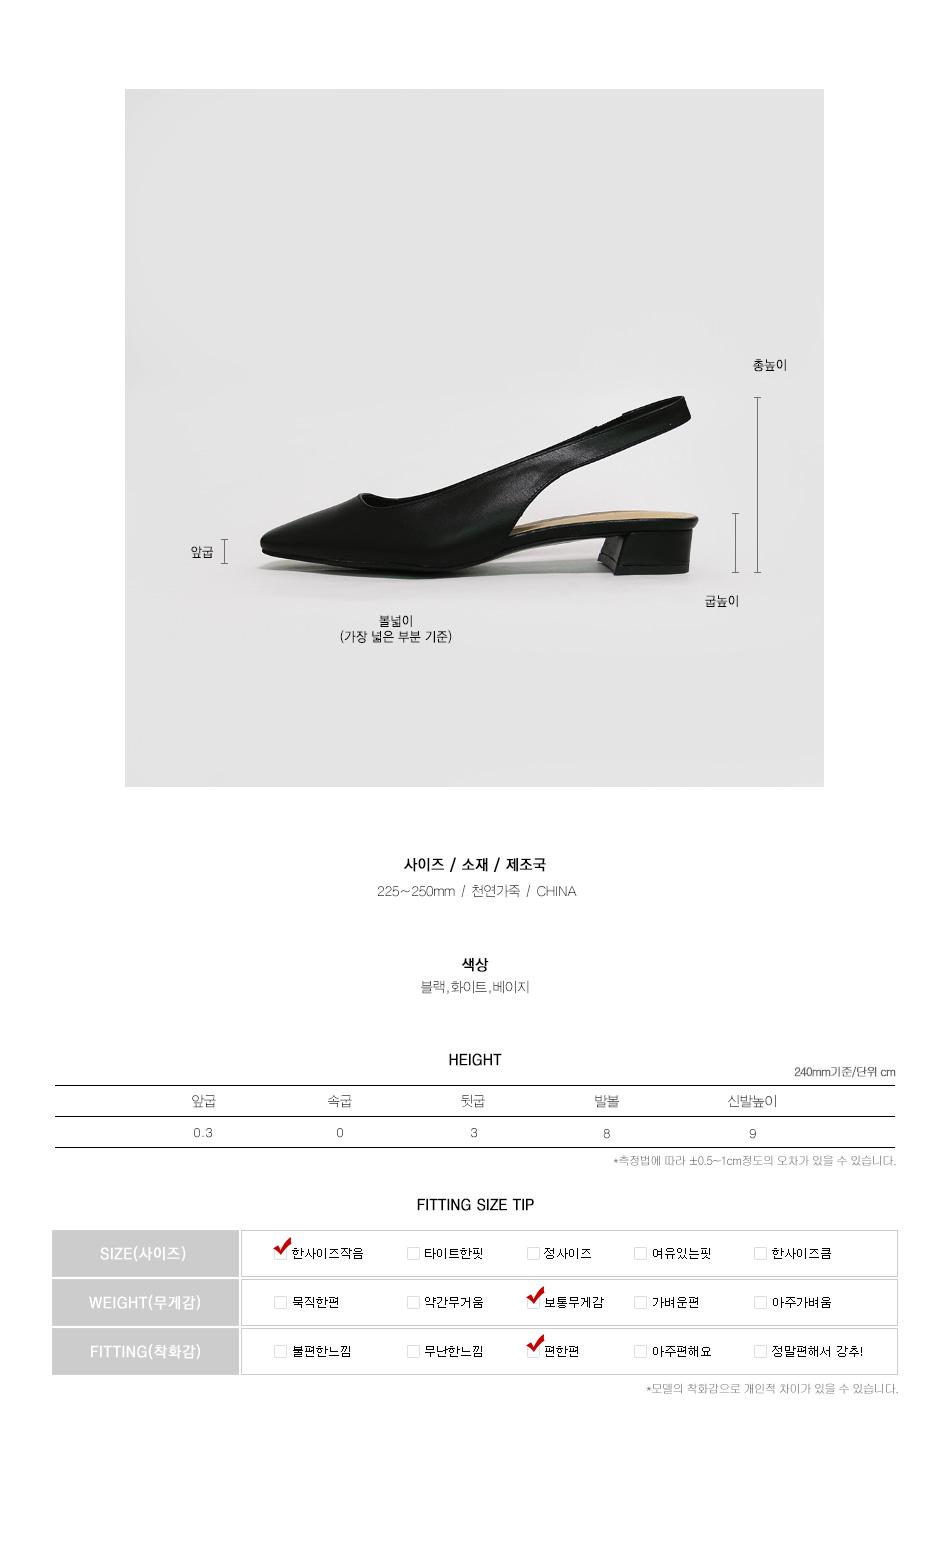 우니아 천연가죽 슬링백 미들힐 상품정보